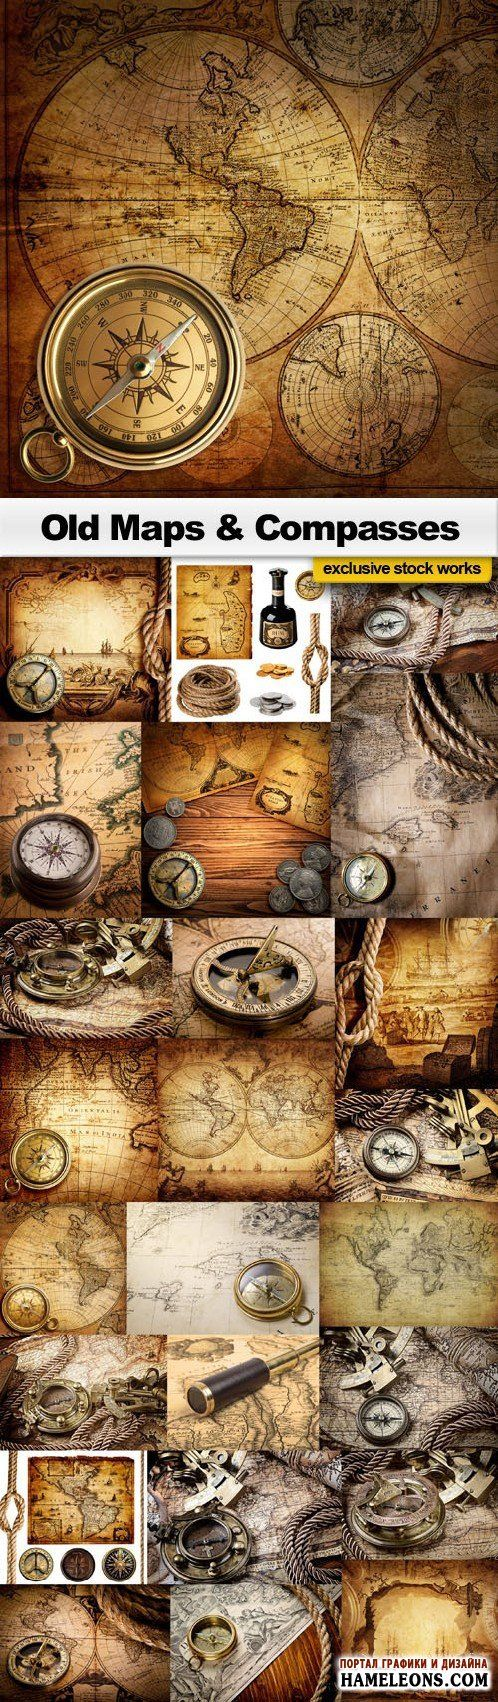 Старинные карты, компасы, морские узлы - Растровый клипарт